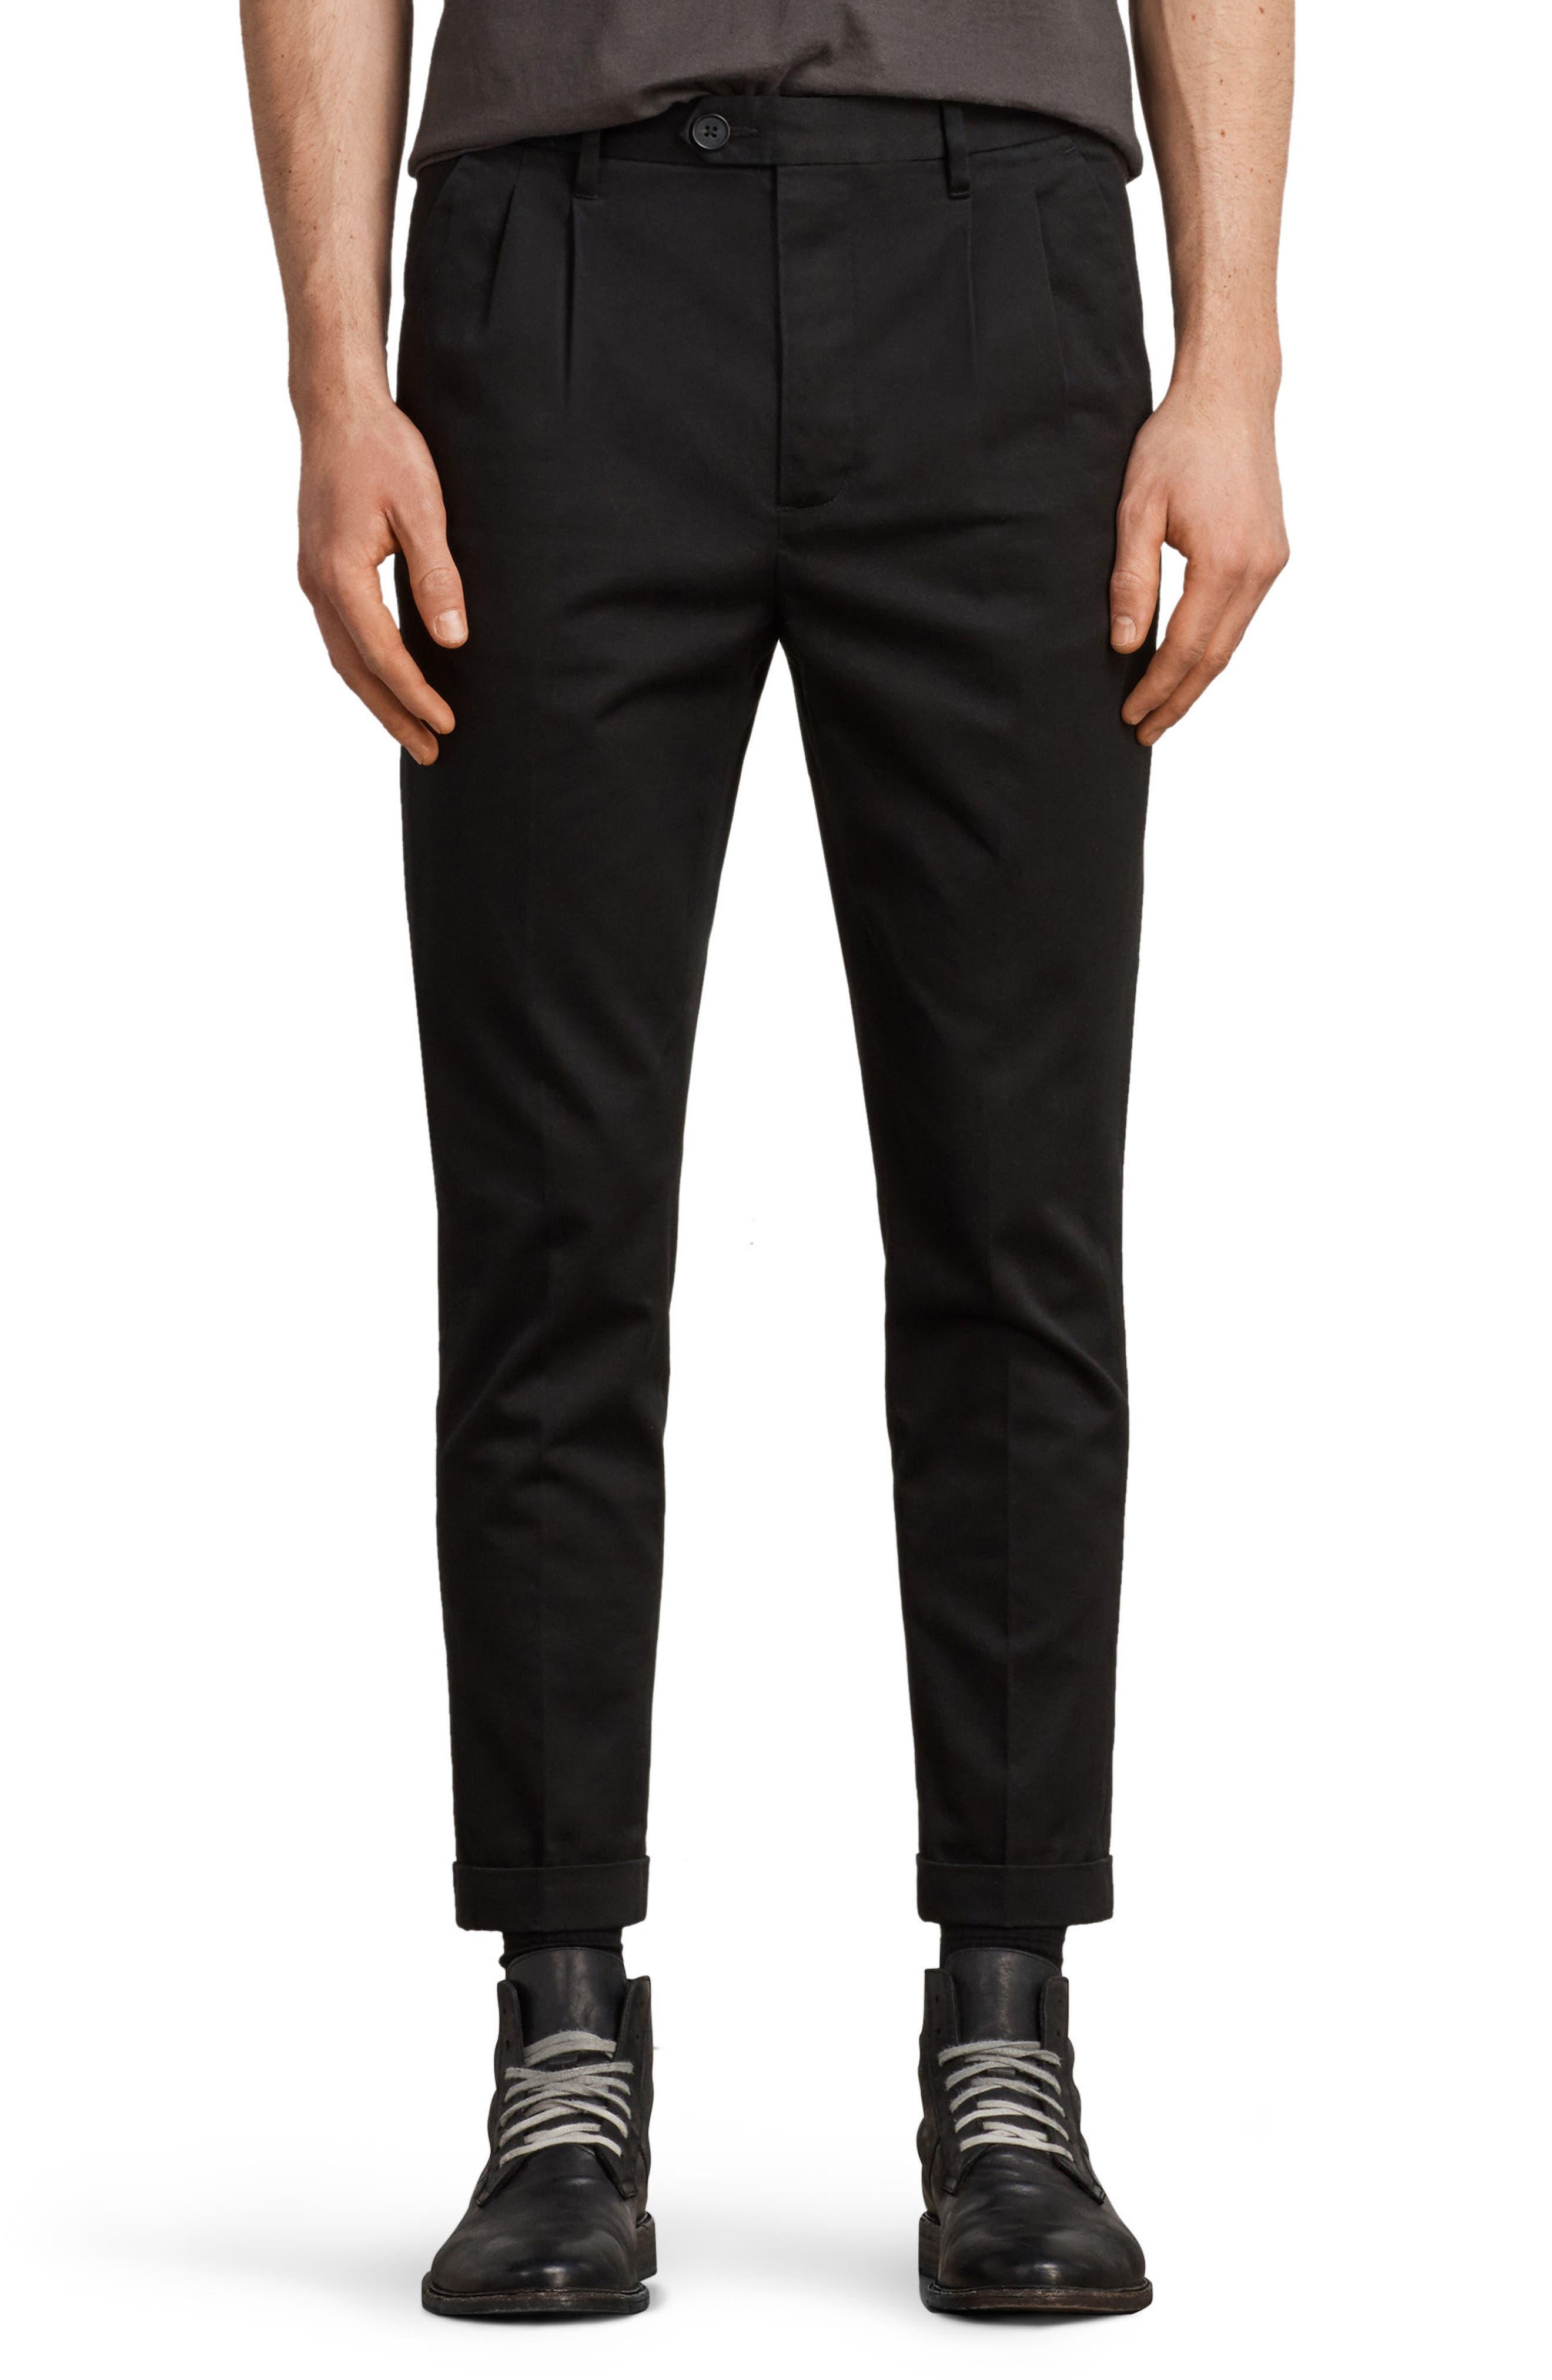 Salco Slim Fit Chino Pants,                             Main thumbnail 1, color,                             Black